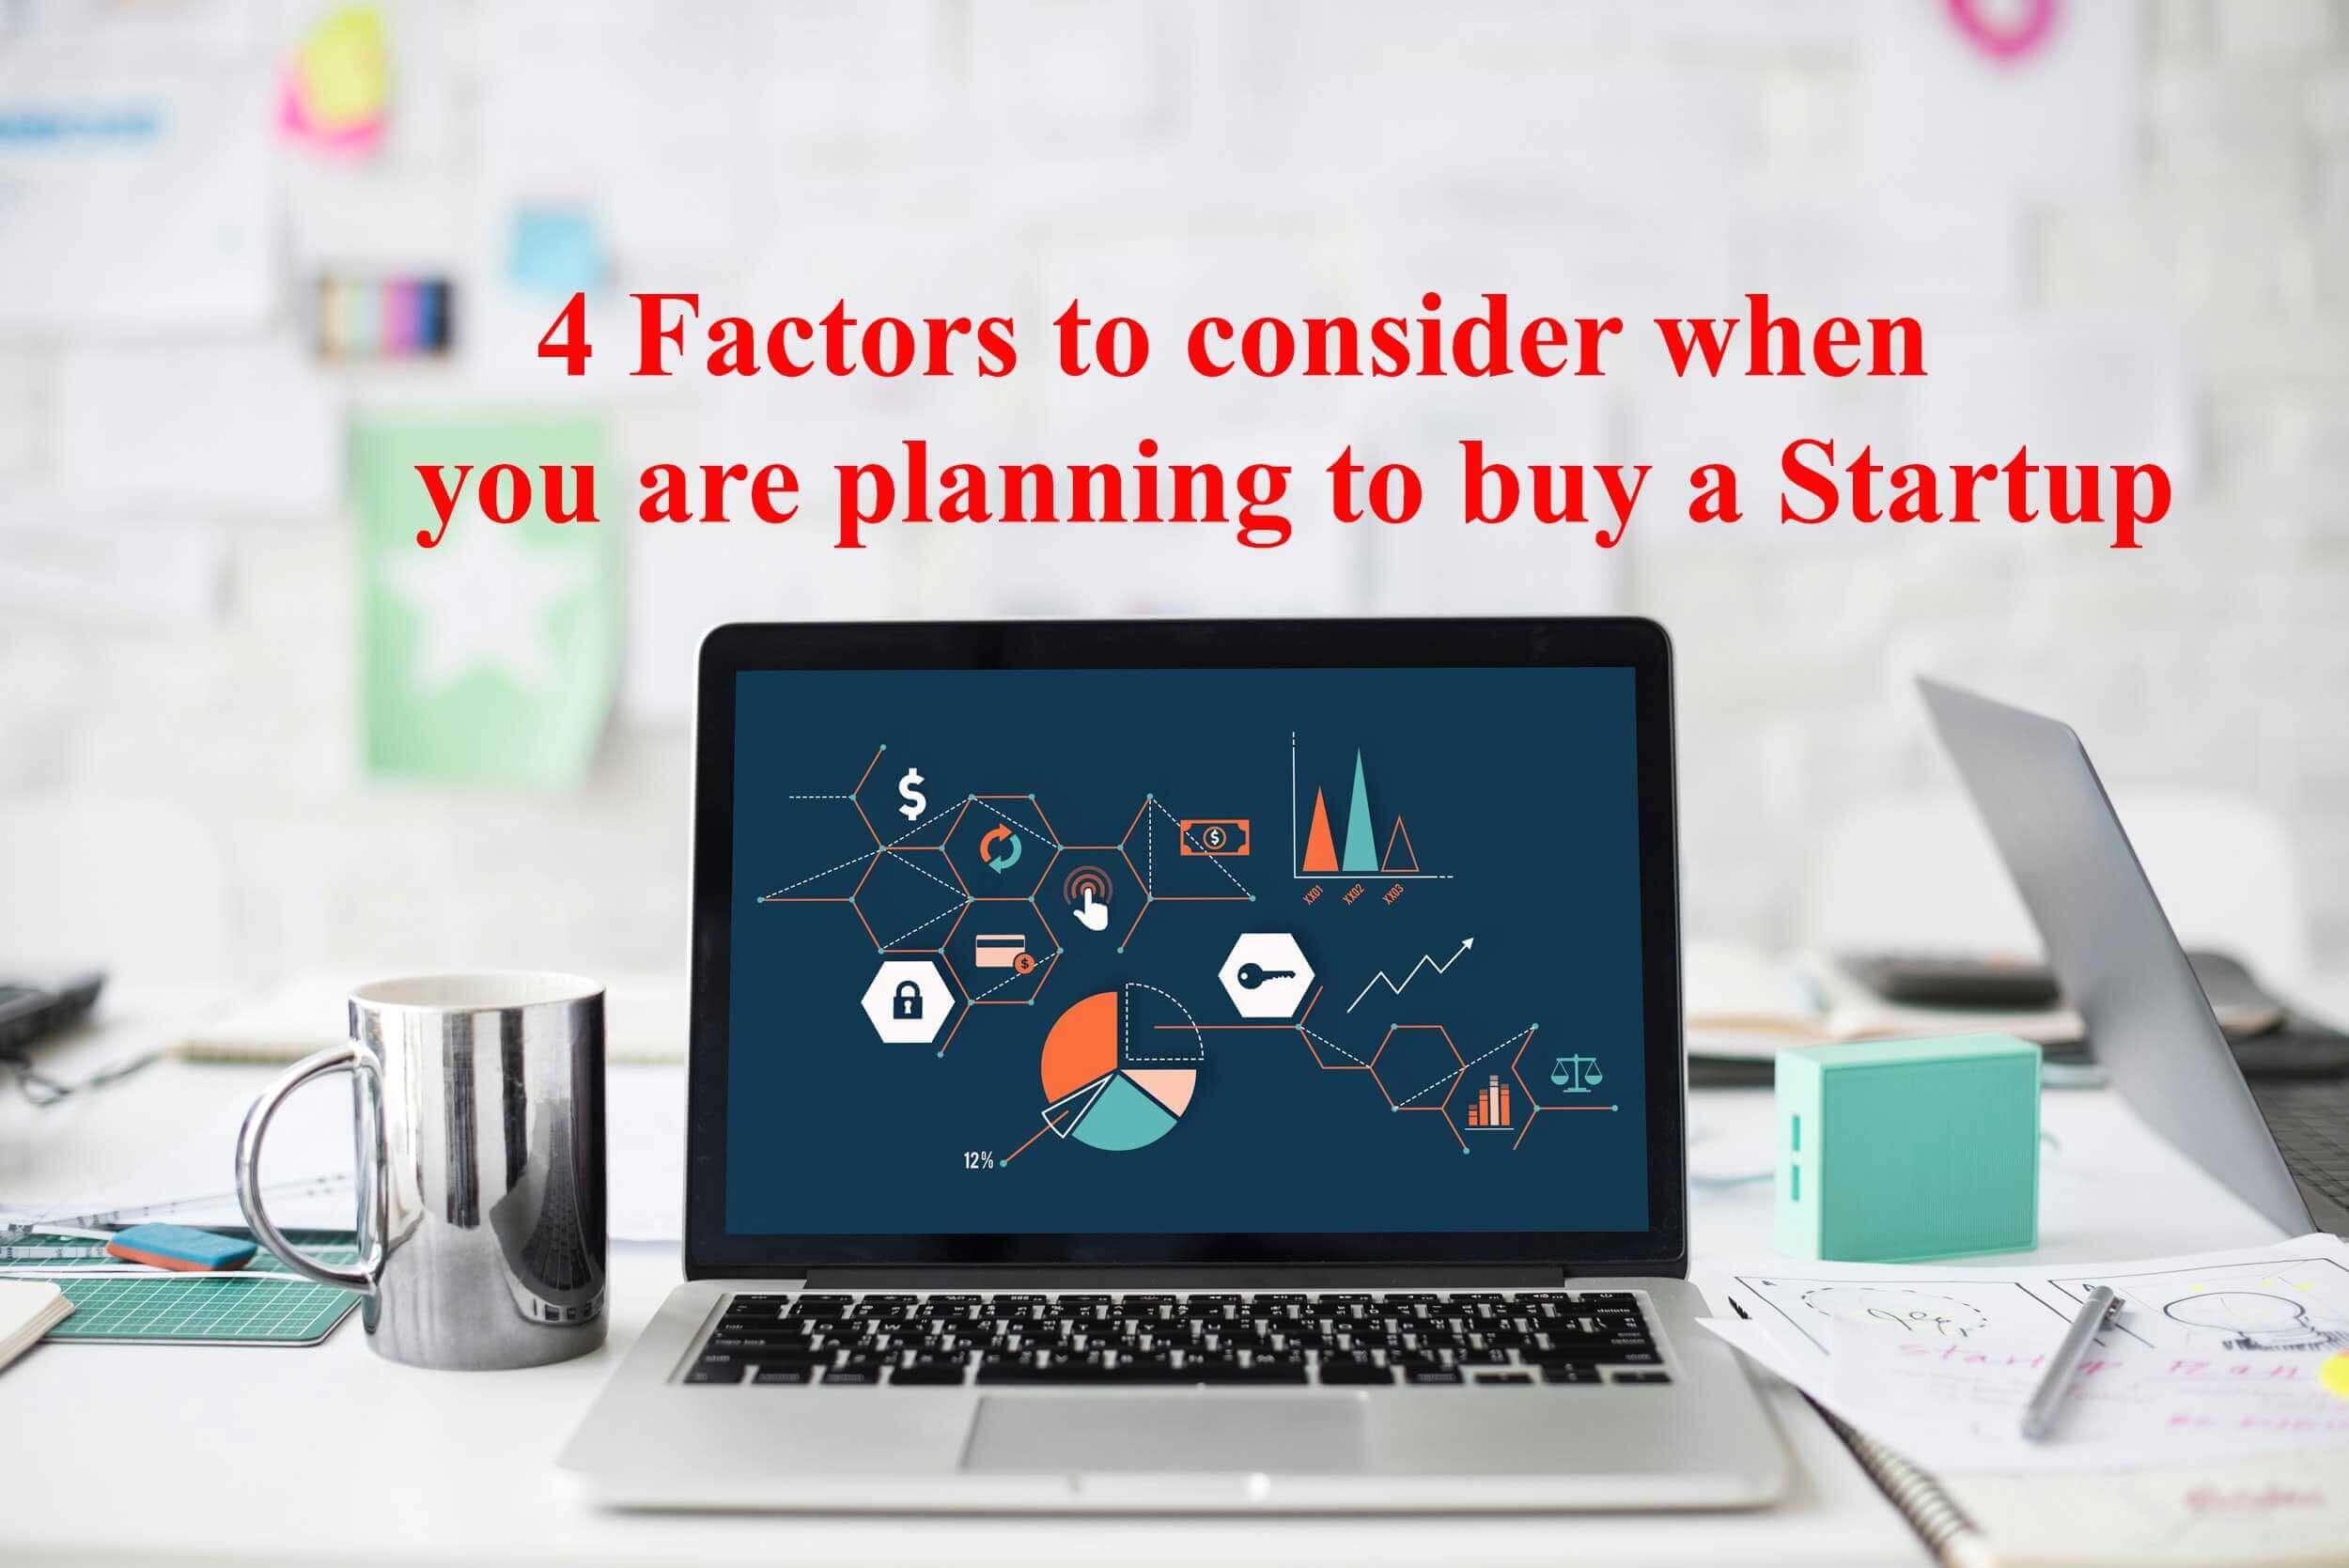 Startup Factors